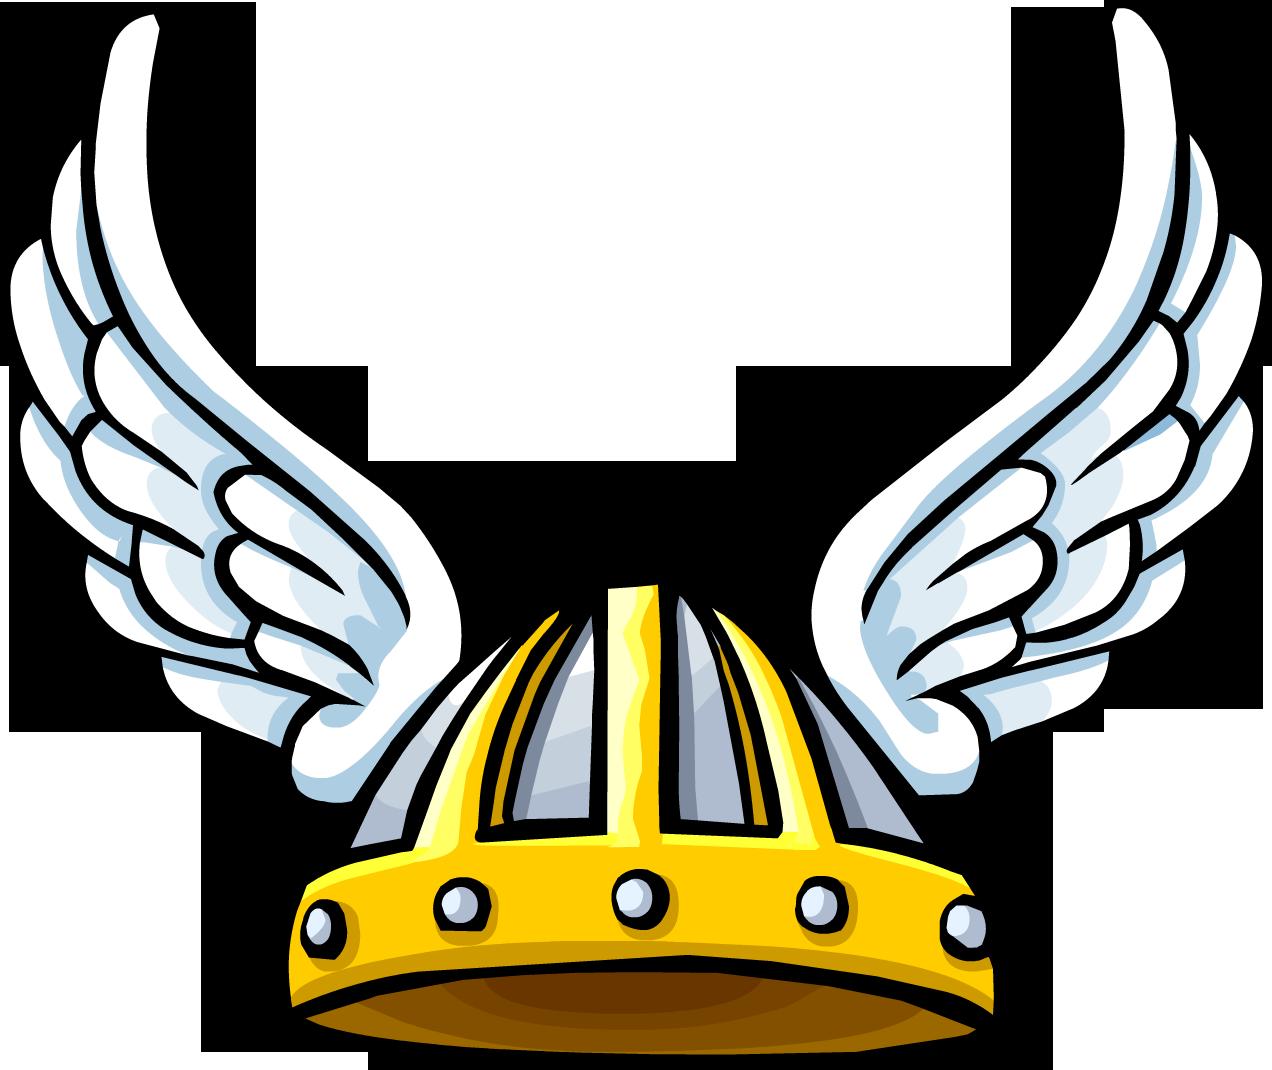 Clipart Viking Hat - ClipArt Best